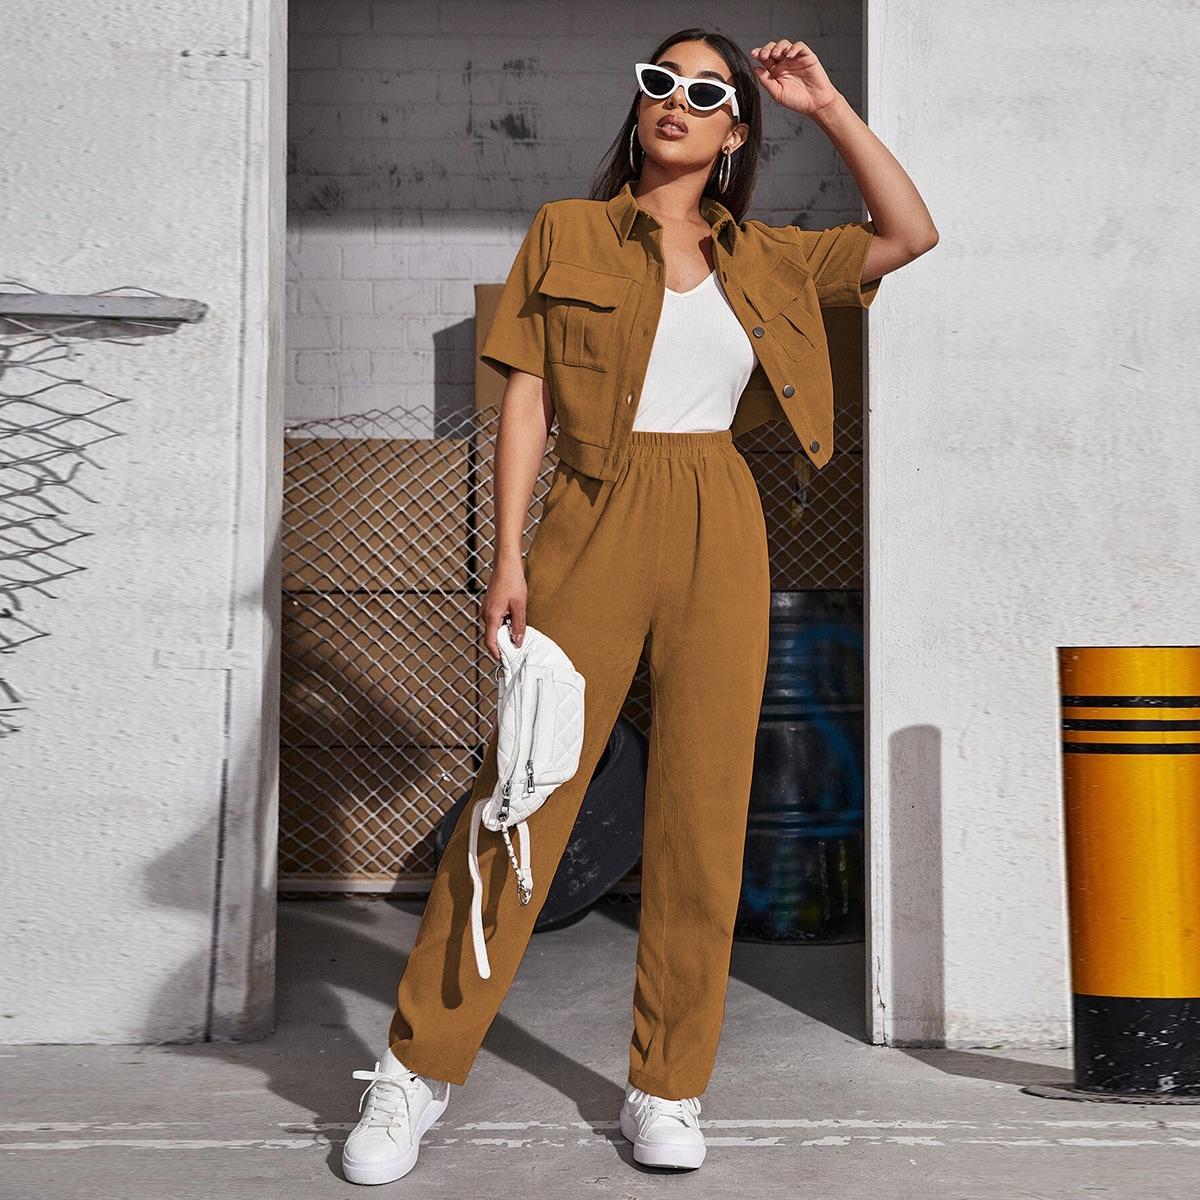 Вельветовая блузка с карманом и брюки SheIn swtwop25210331337